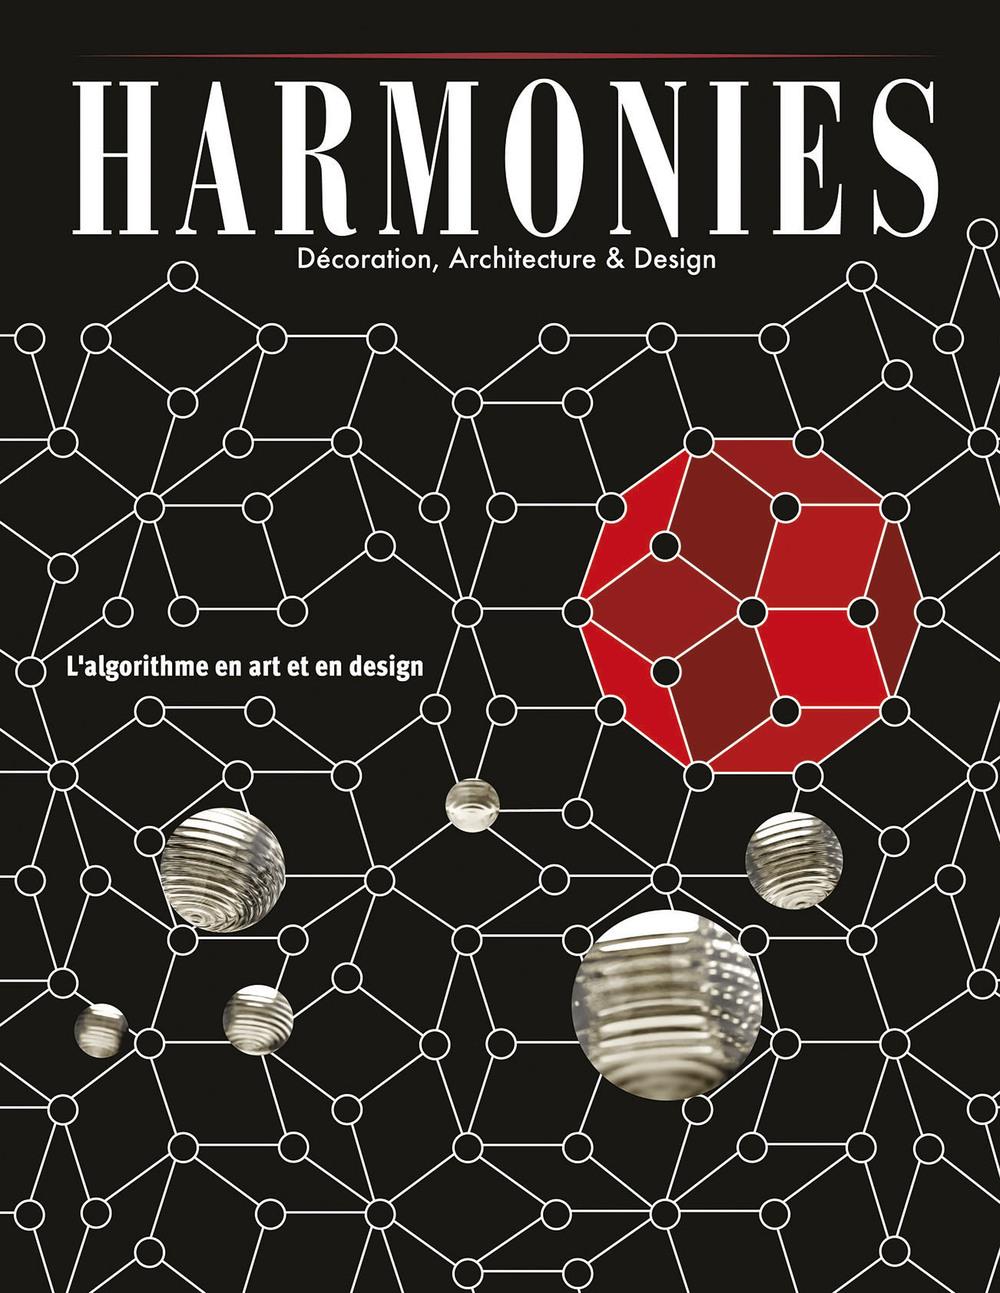 Harmonies / December 2015